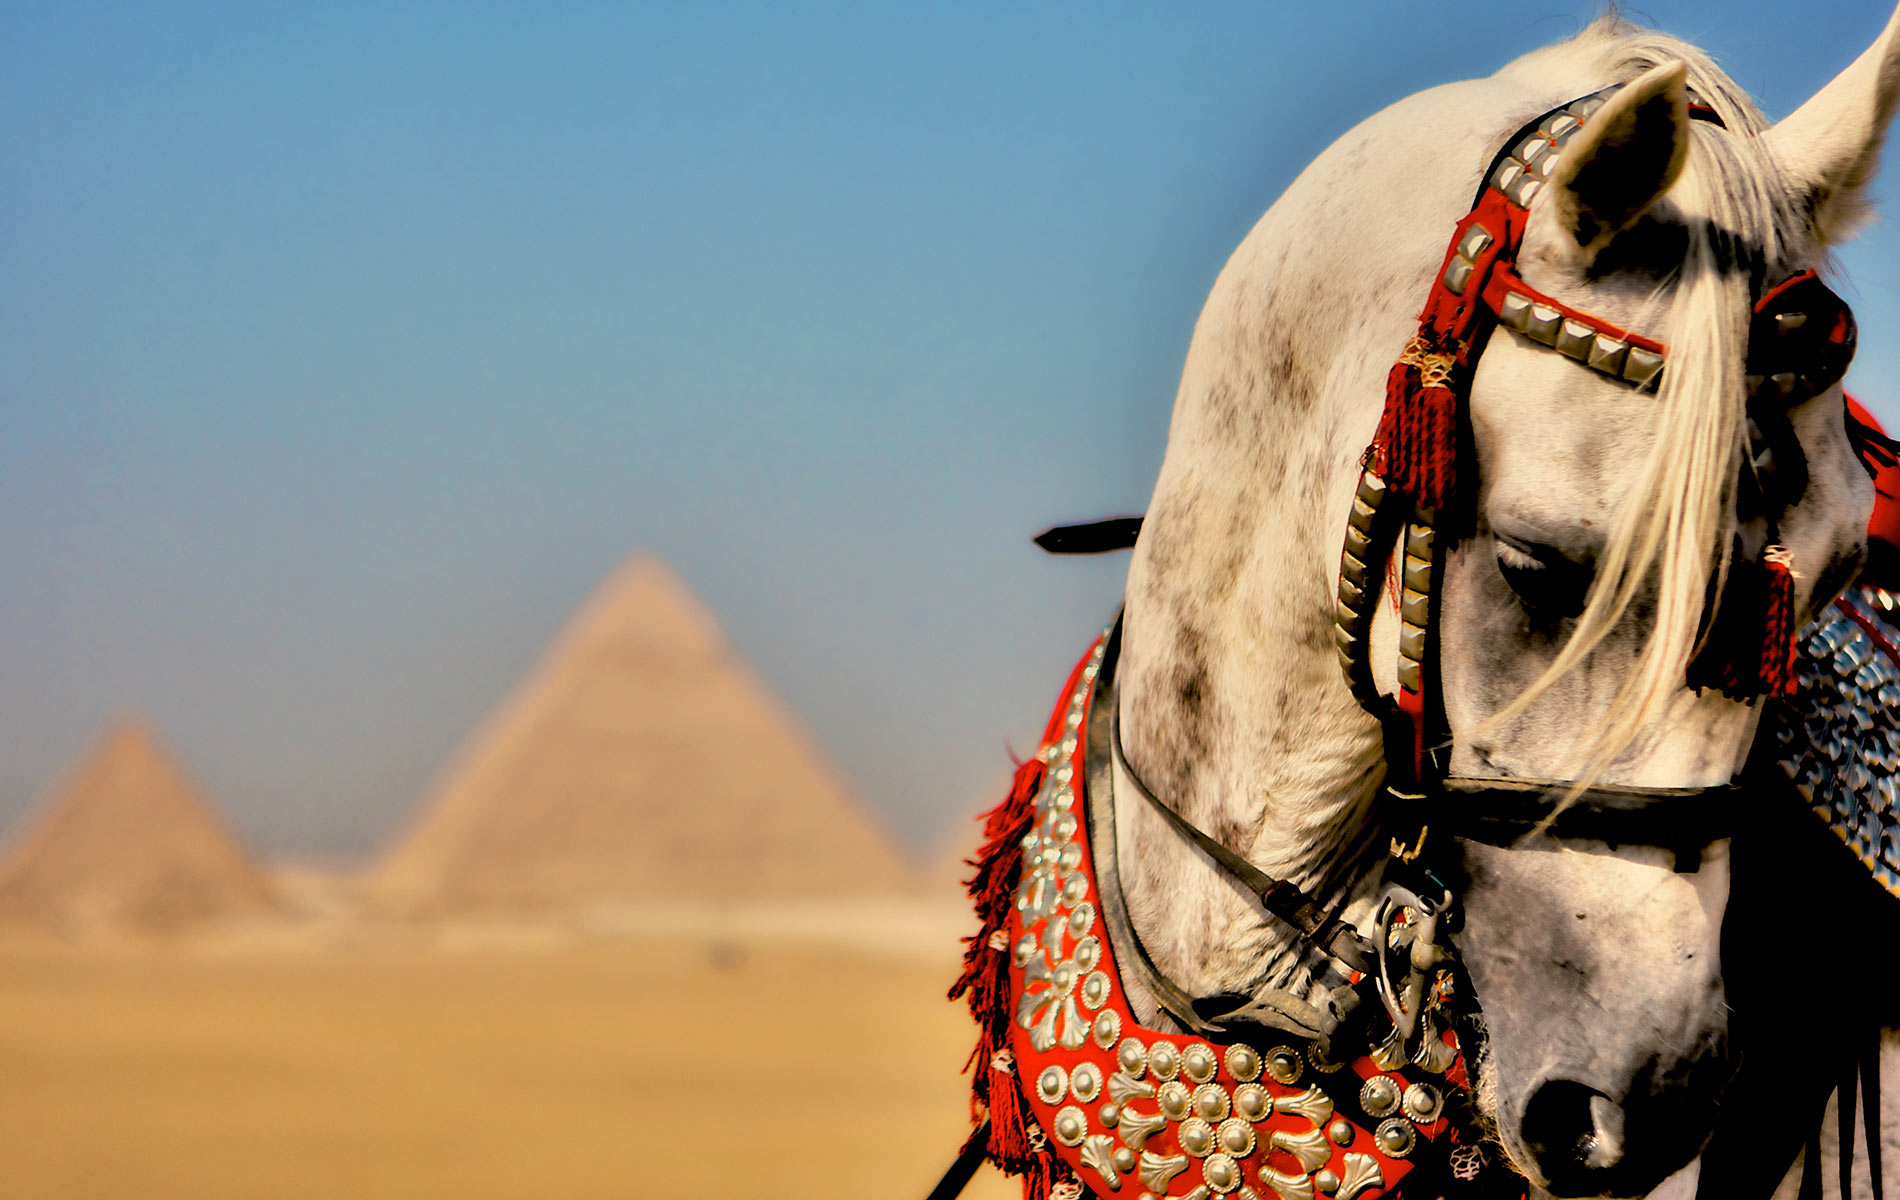 vie-magazine-egypt